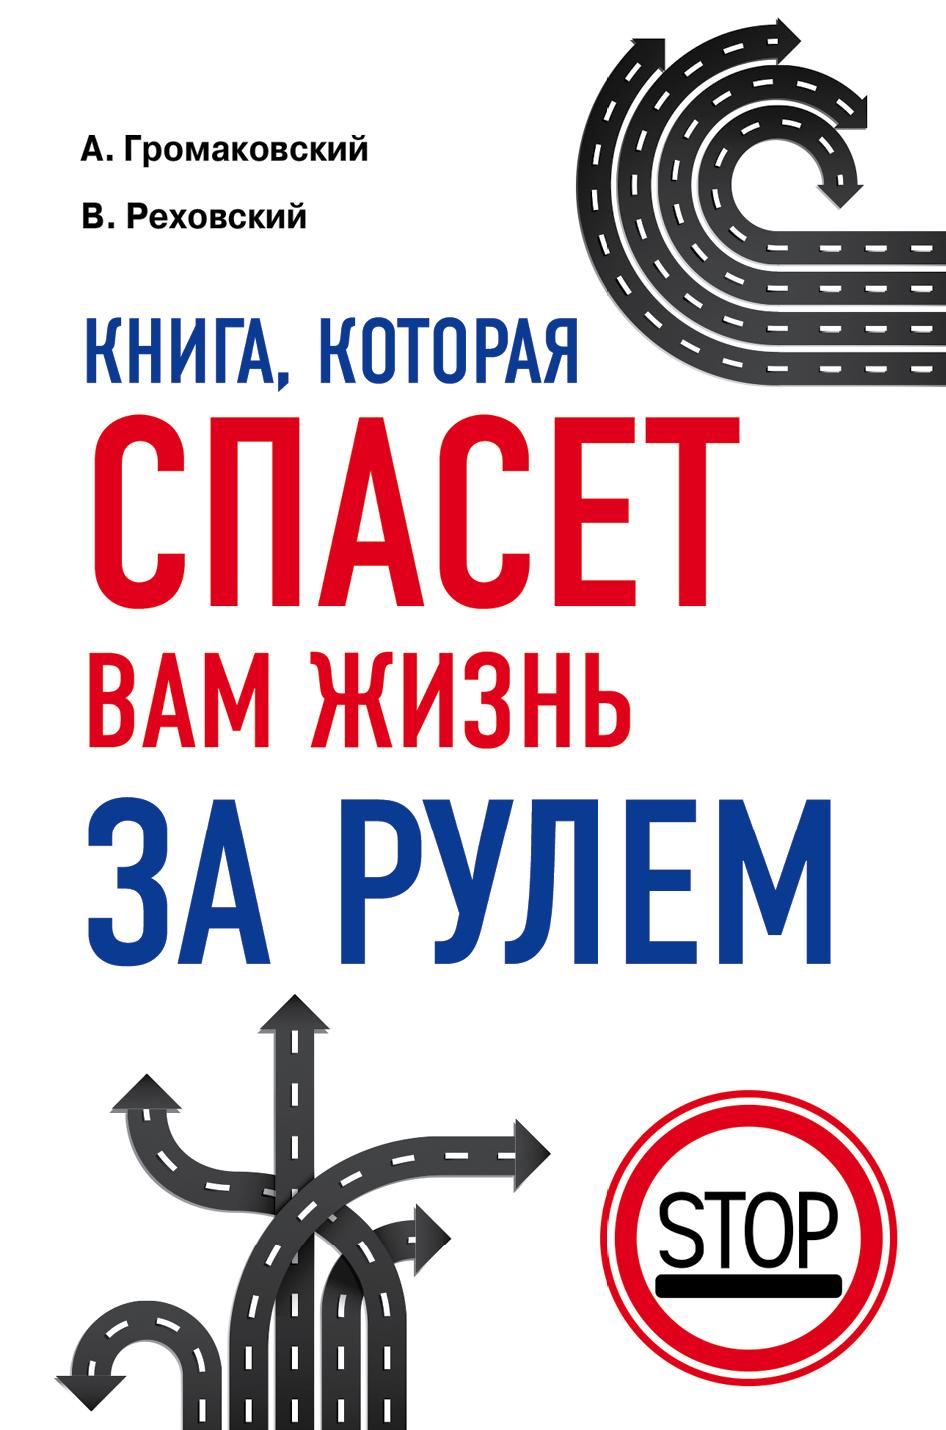 Книга, которая спасет вам жизнь за рулем. 2-е издание